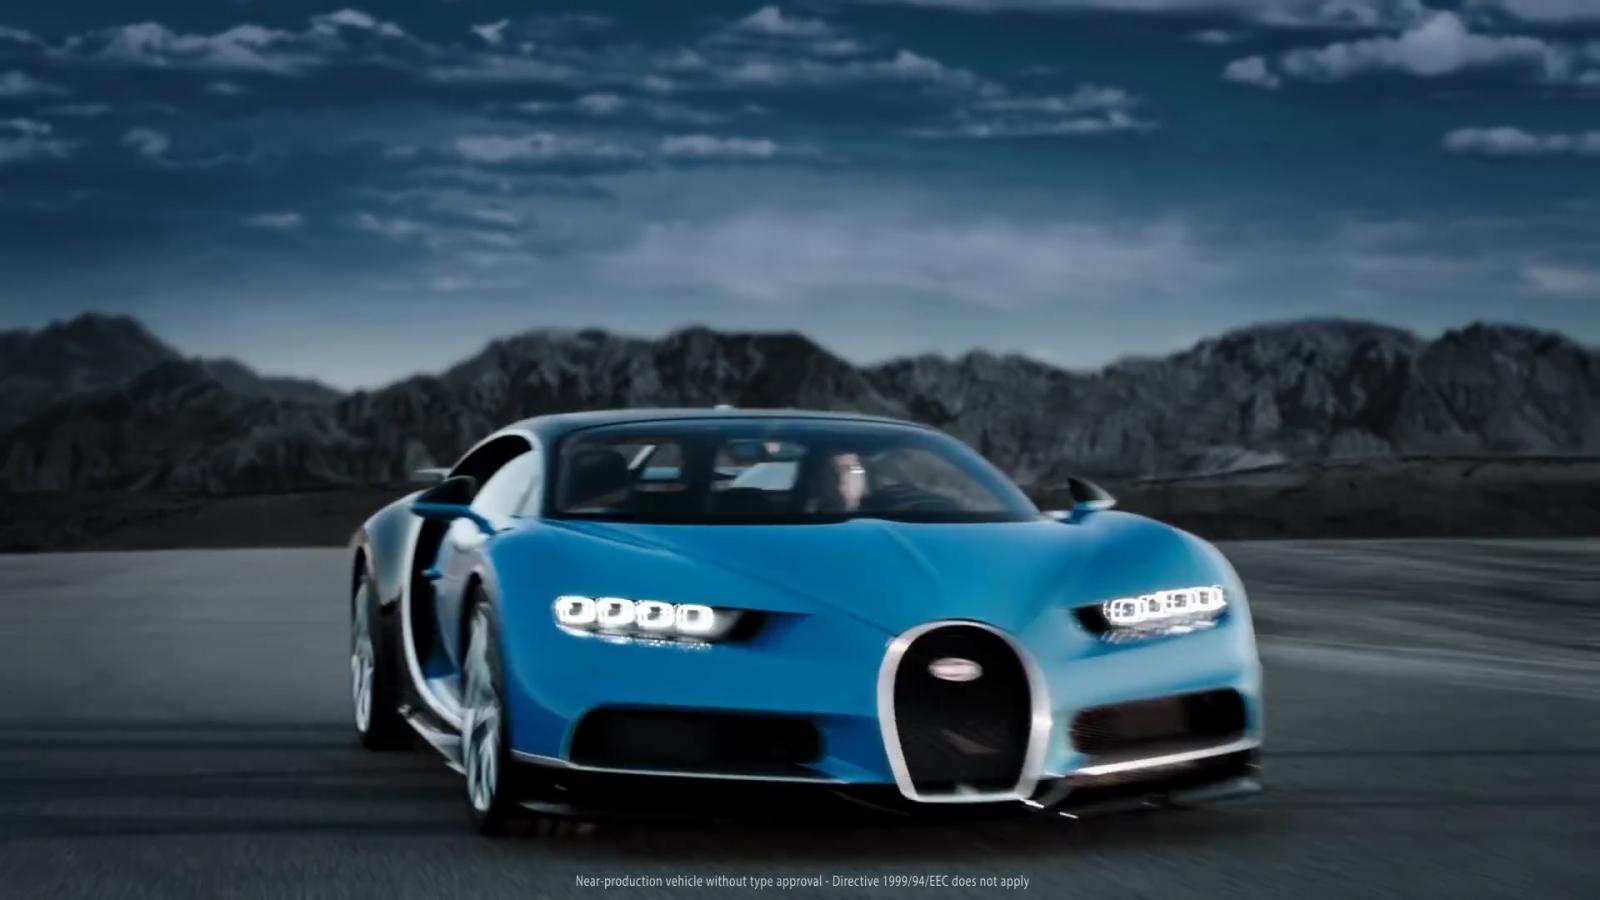 Bugatti Cheron to set car speed record